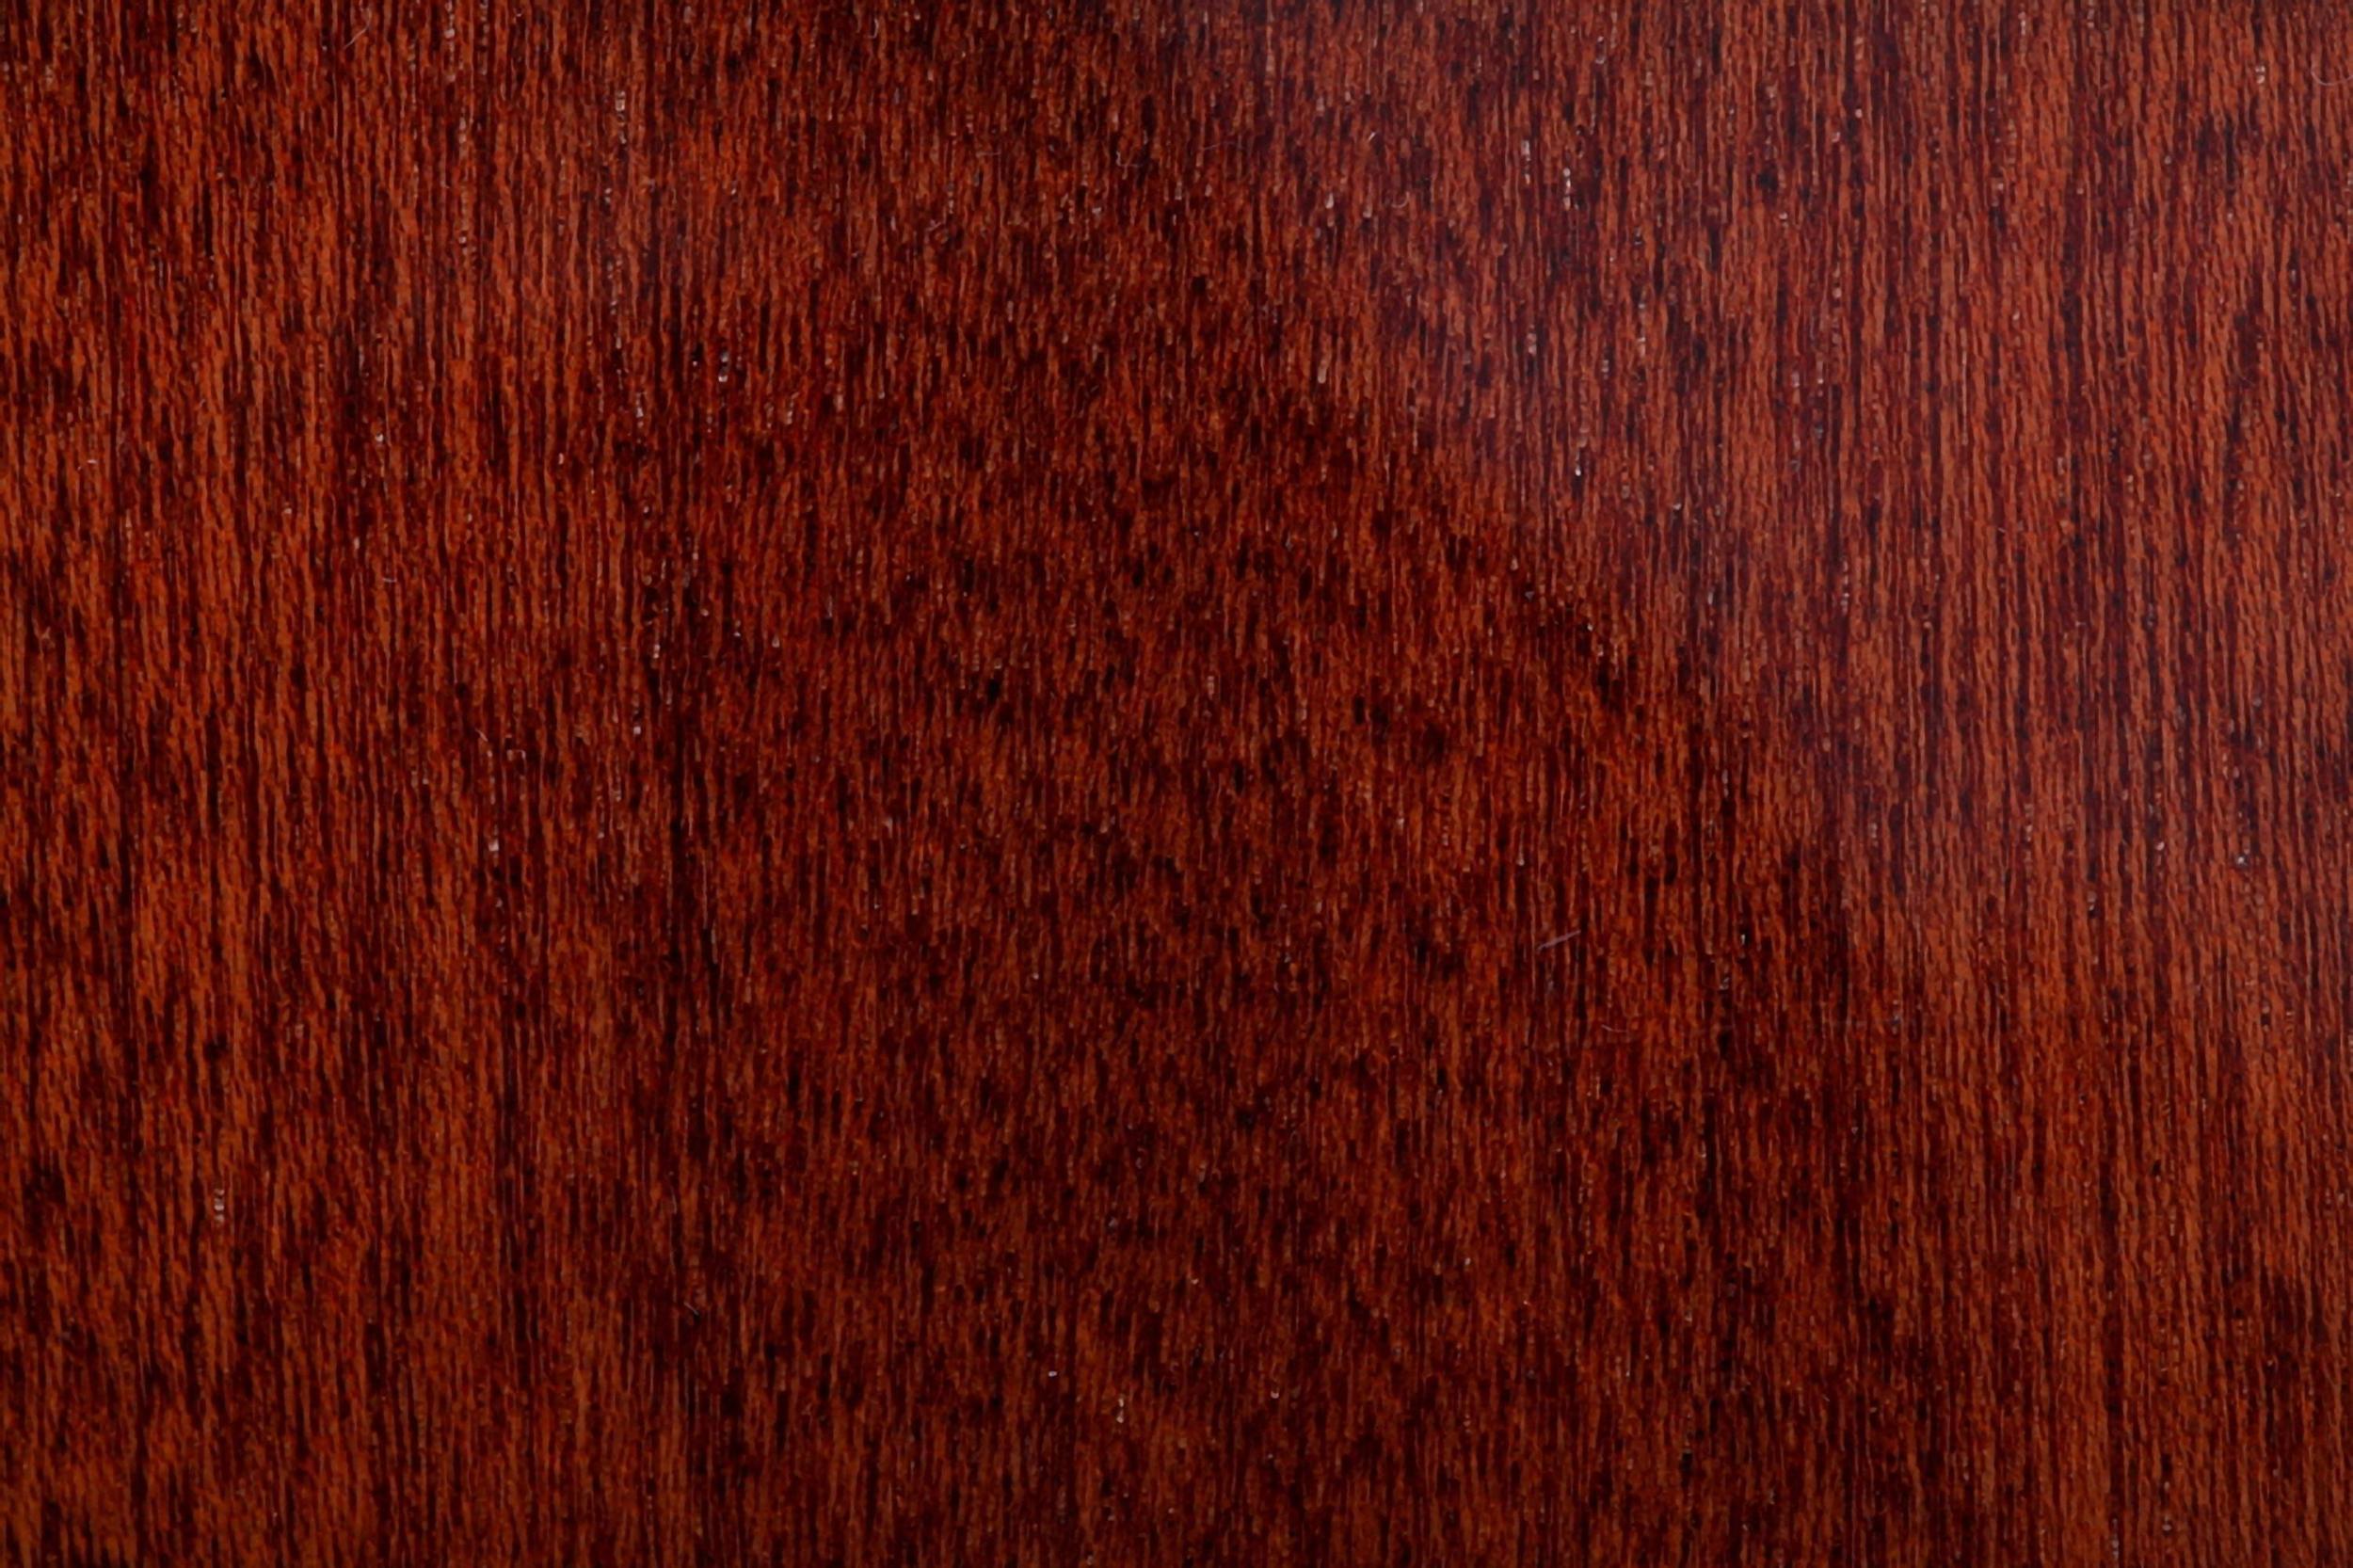 красное дерево фото древесины